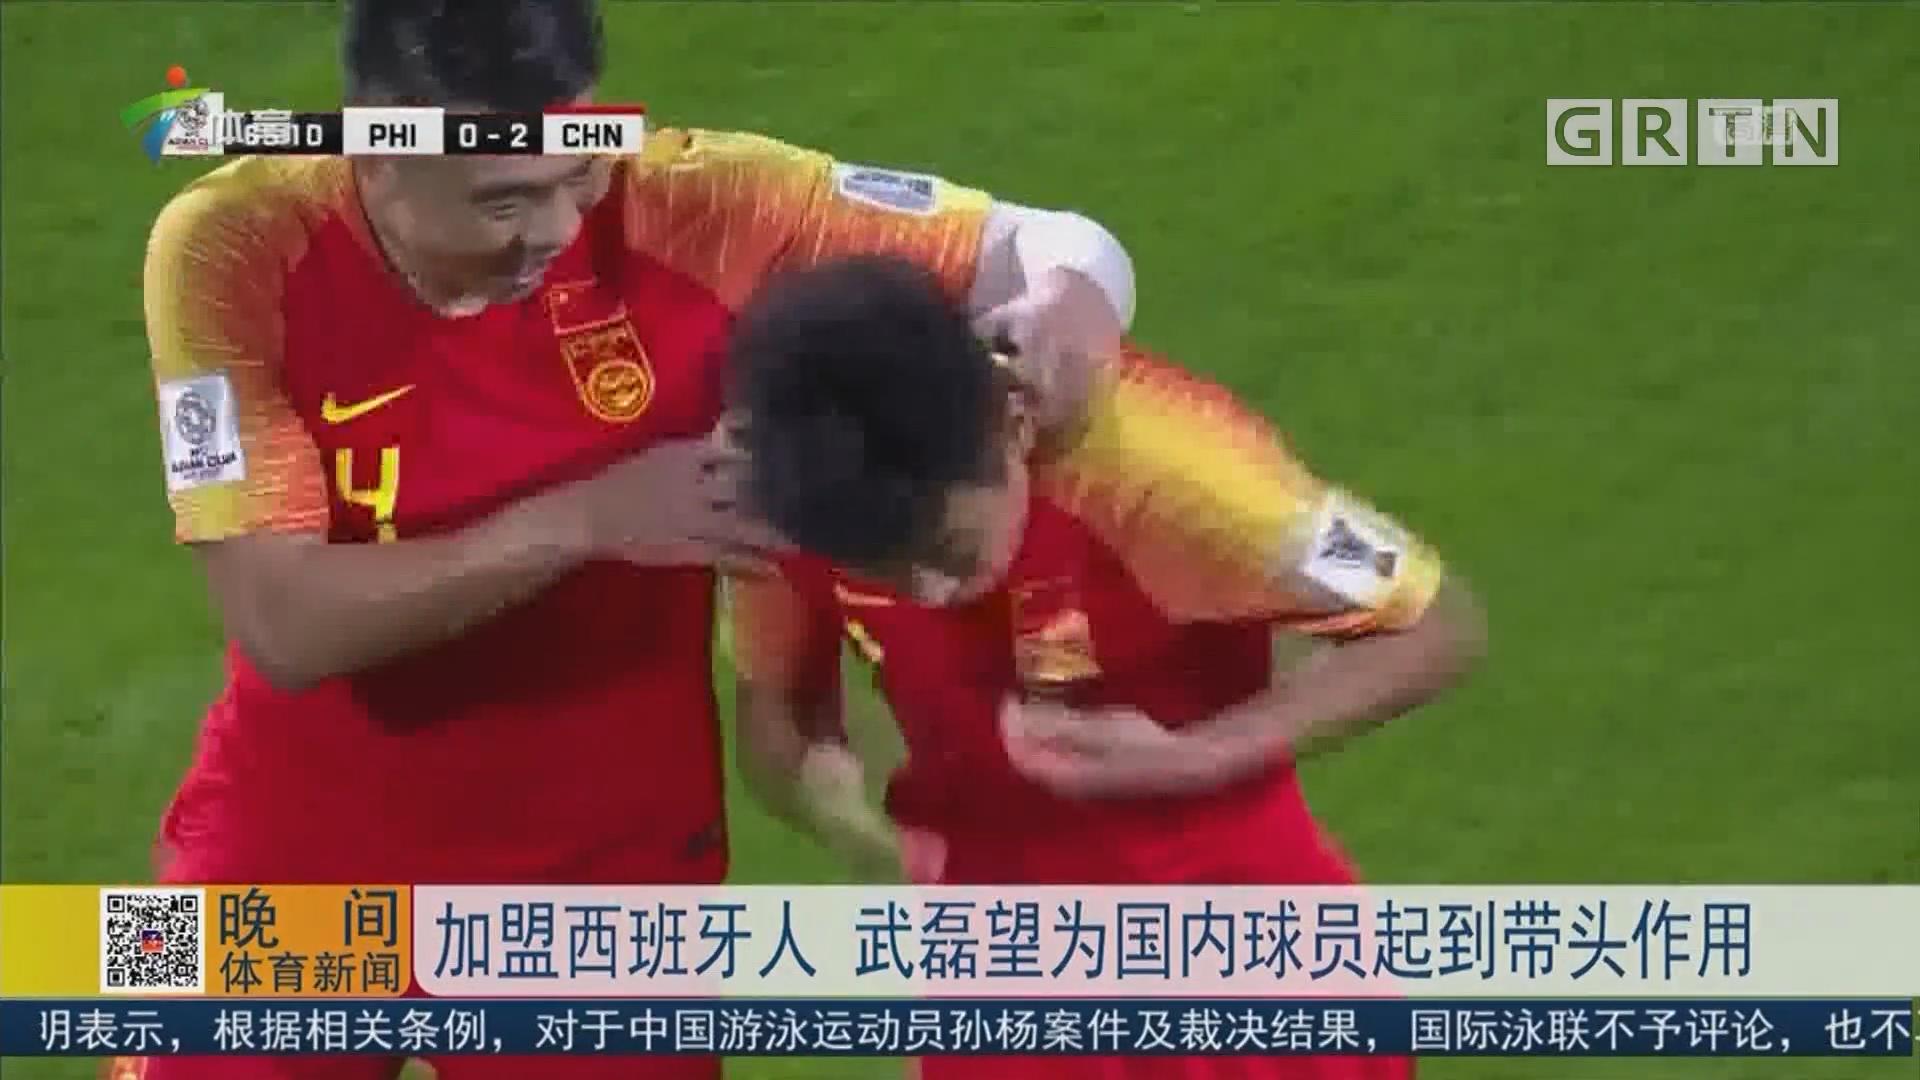 加盟西班牙人 武磊望为国内球员起到带头作用